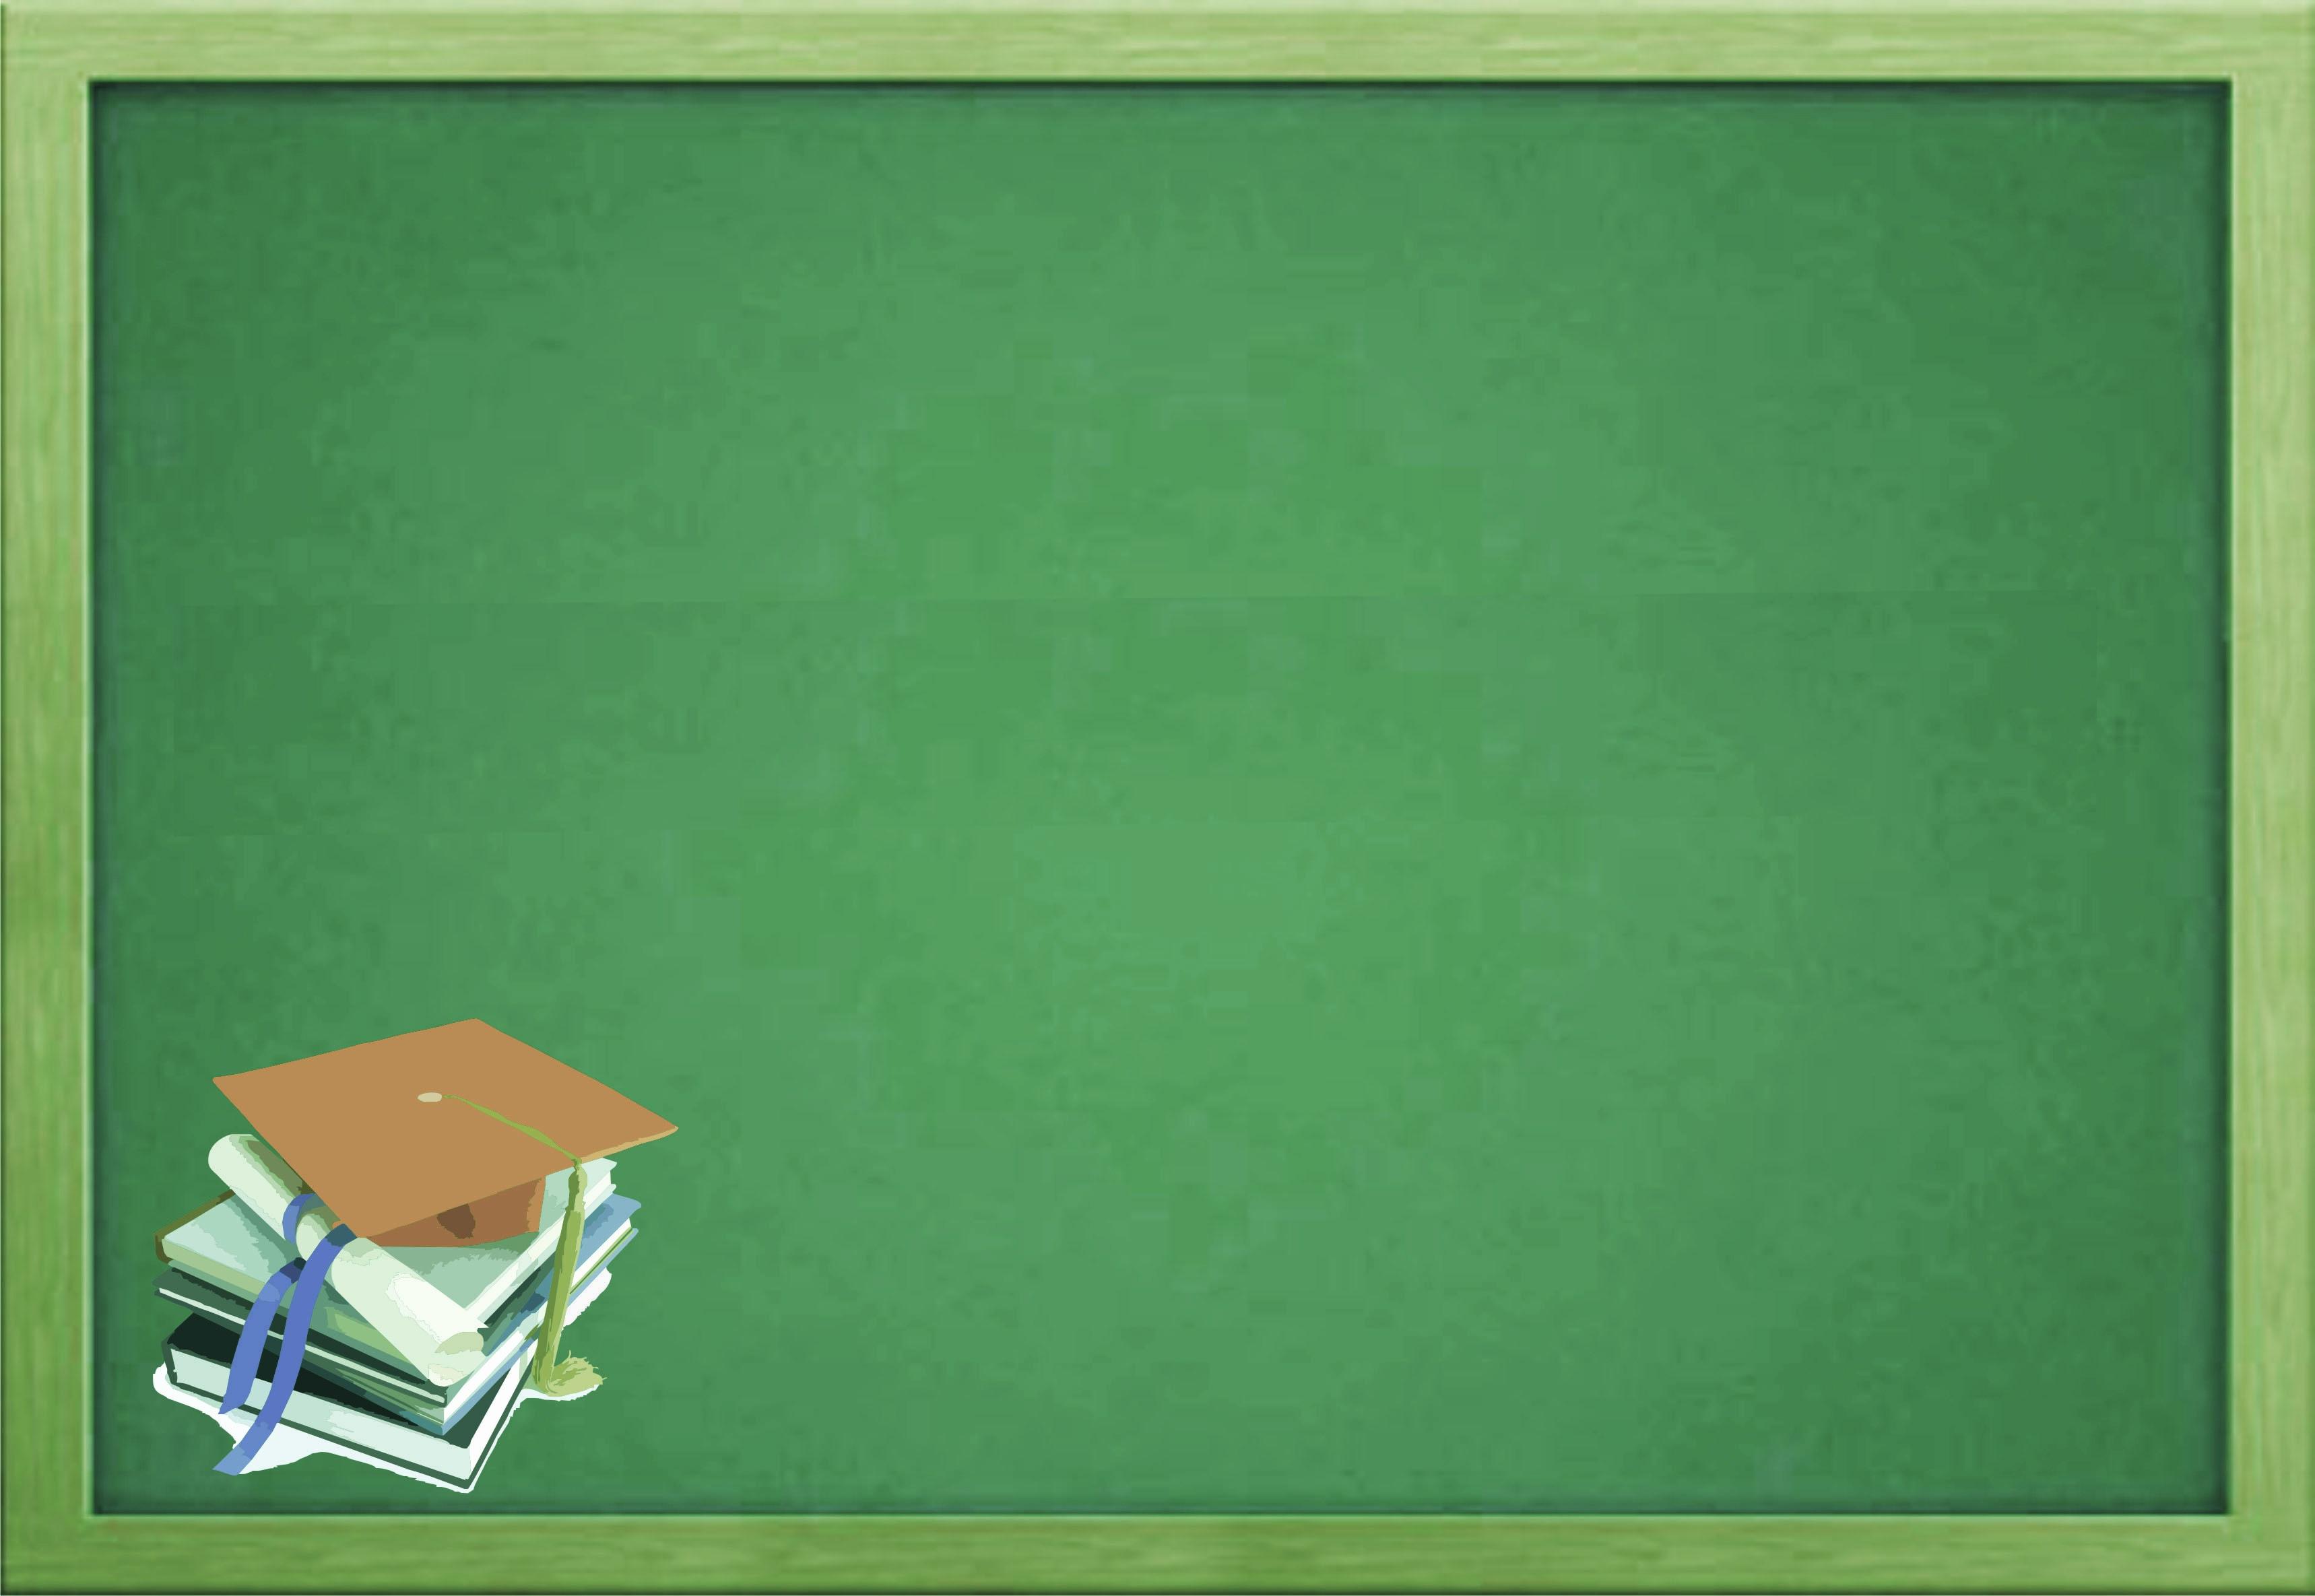 Hình nền Powerpoint đơn giản màu xanh đẹp nhất